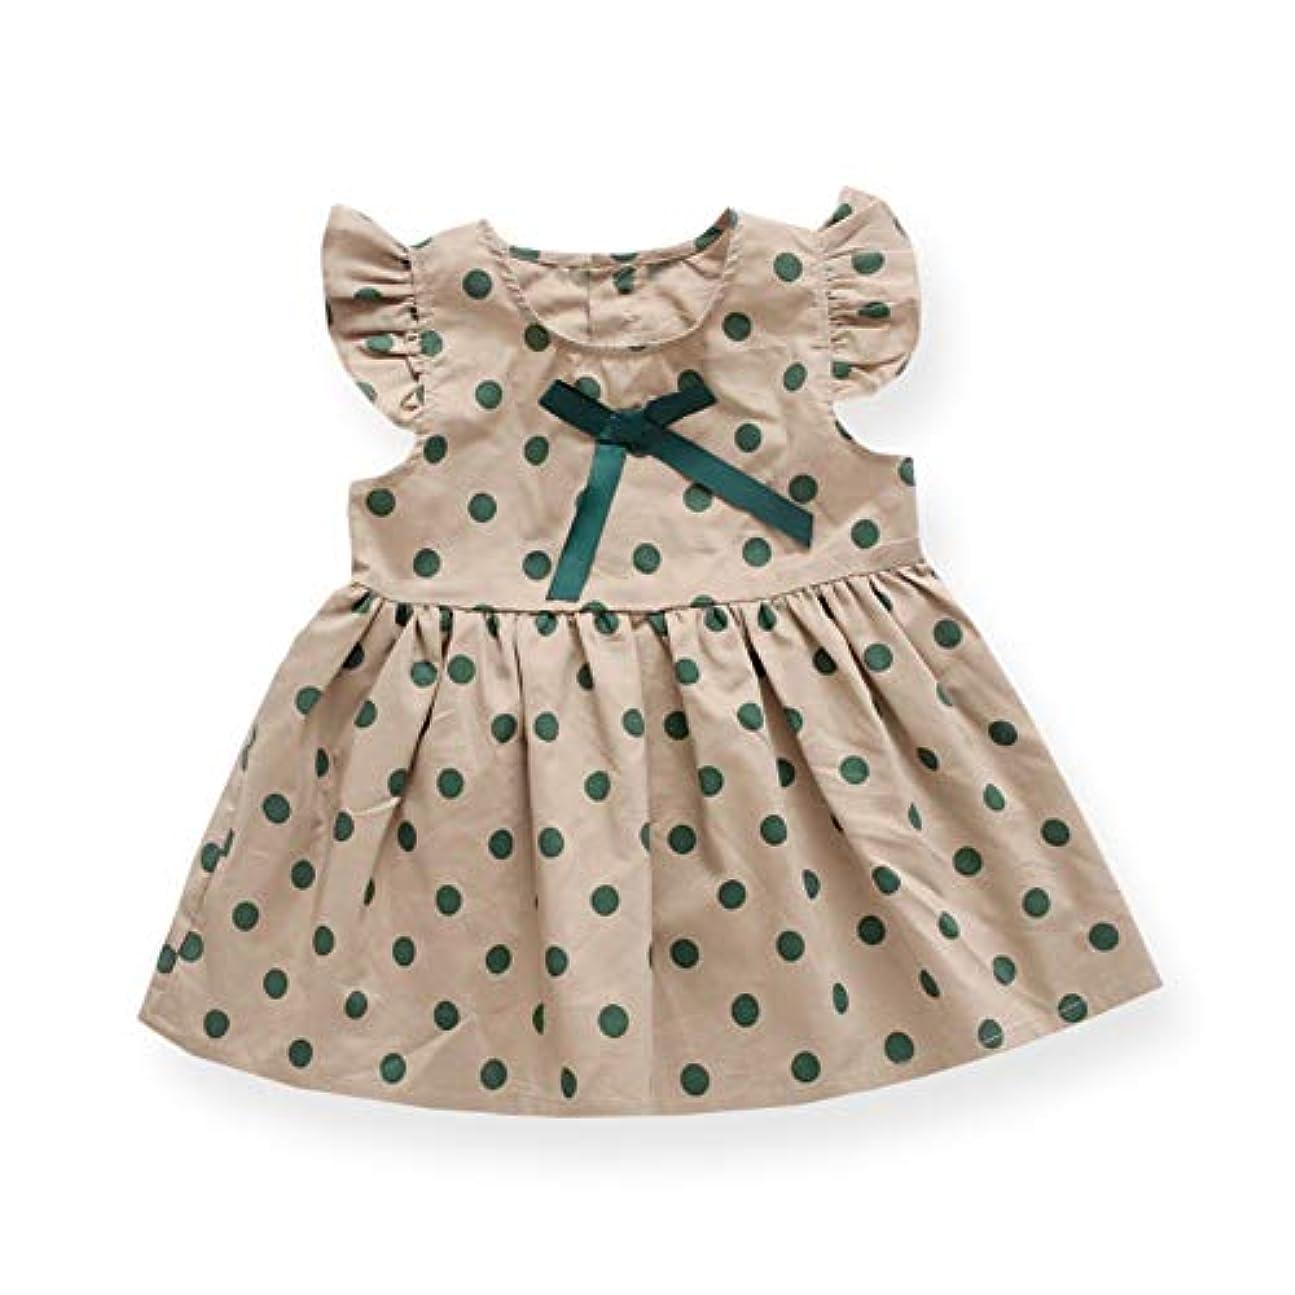 福祉記者バレルUrmagic子供ドレス ベビー服 夏 綿 女の子 フライングスリーブ 水玉柄 スカート ワンピース 赤ちゃん服 おしゃれ 出産祝い 誕生日